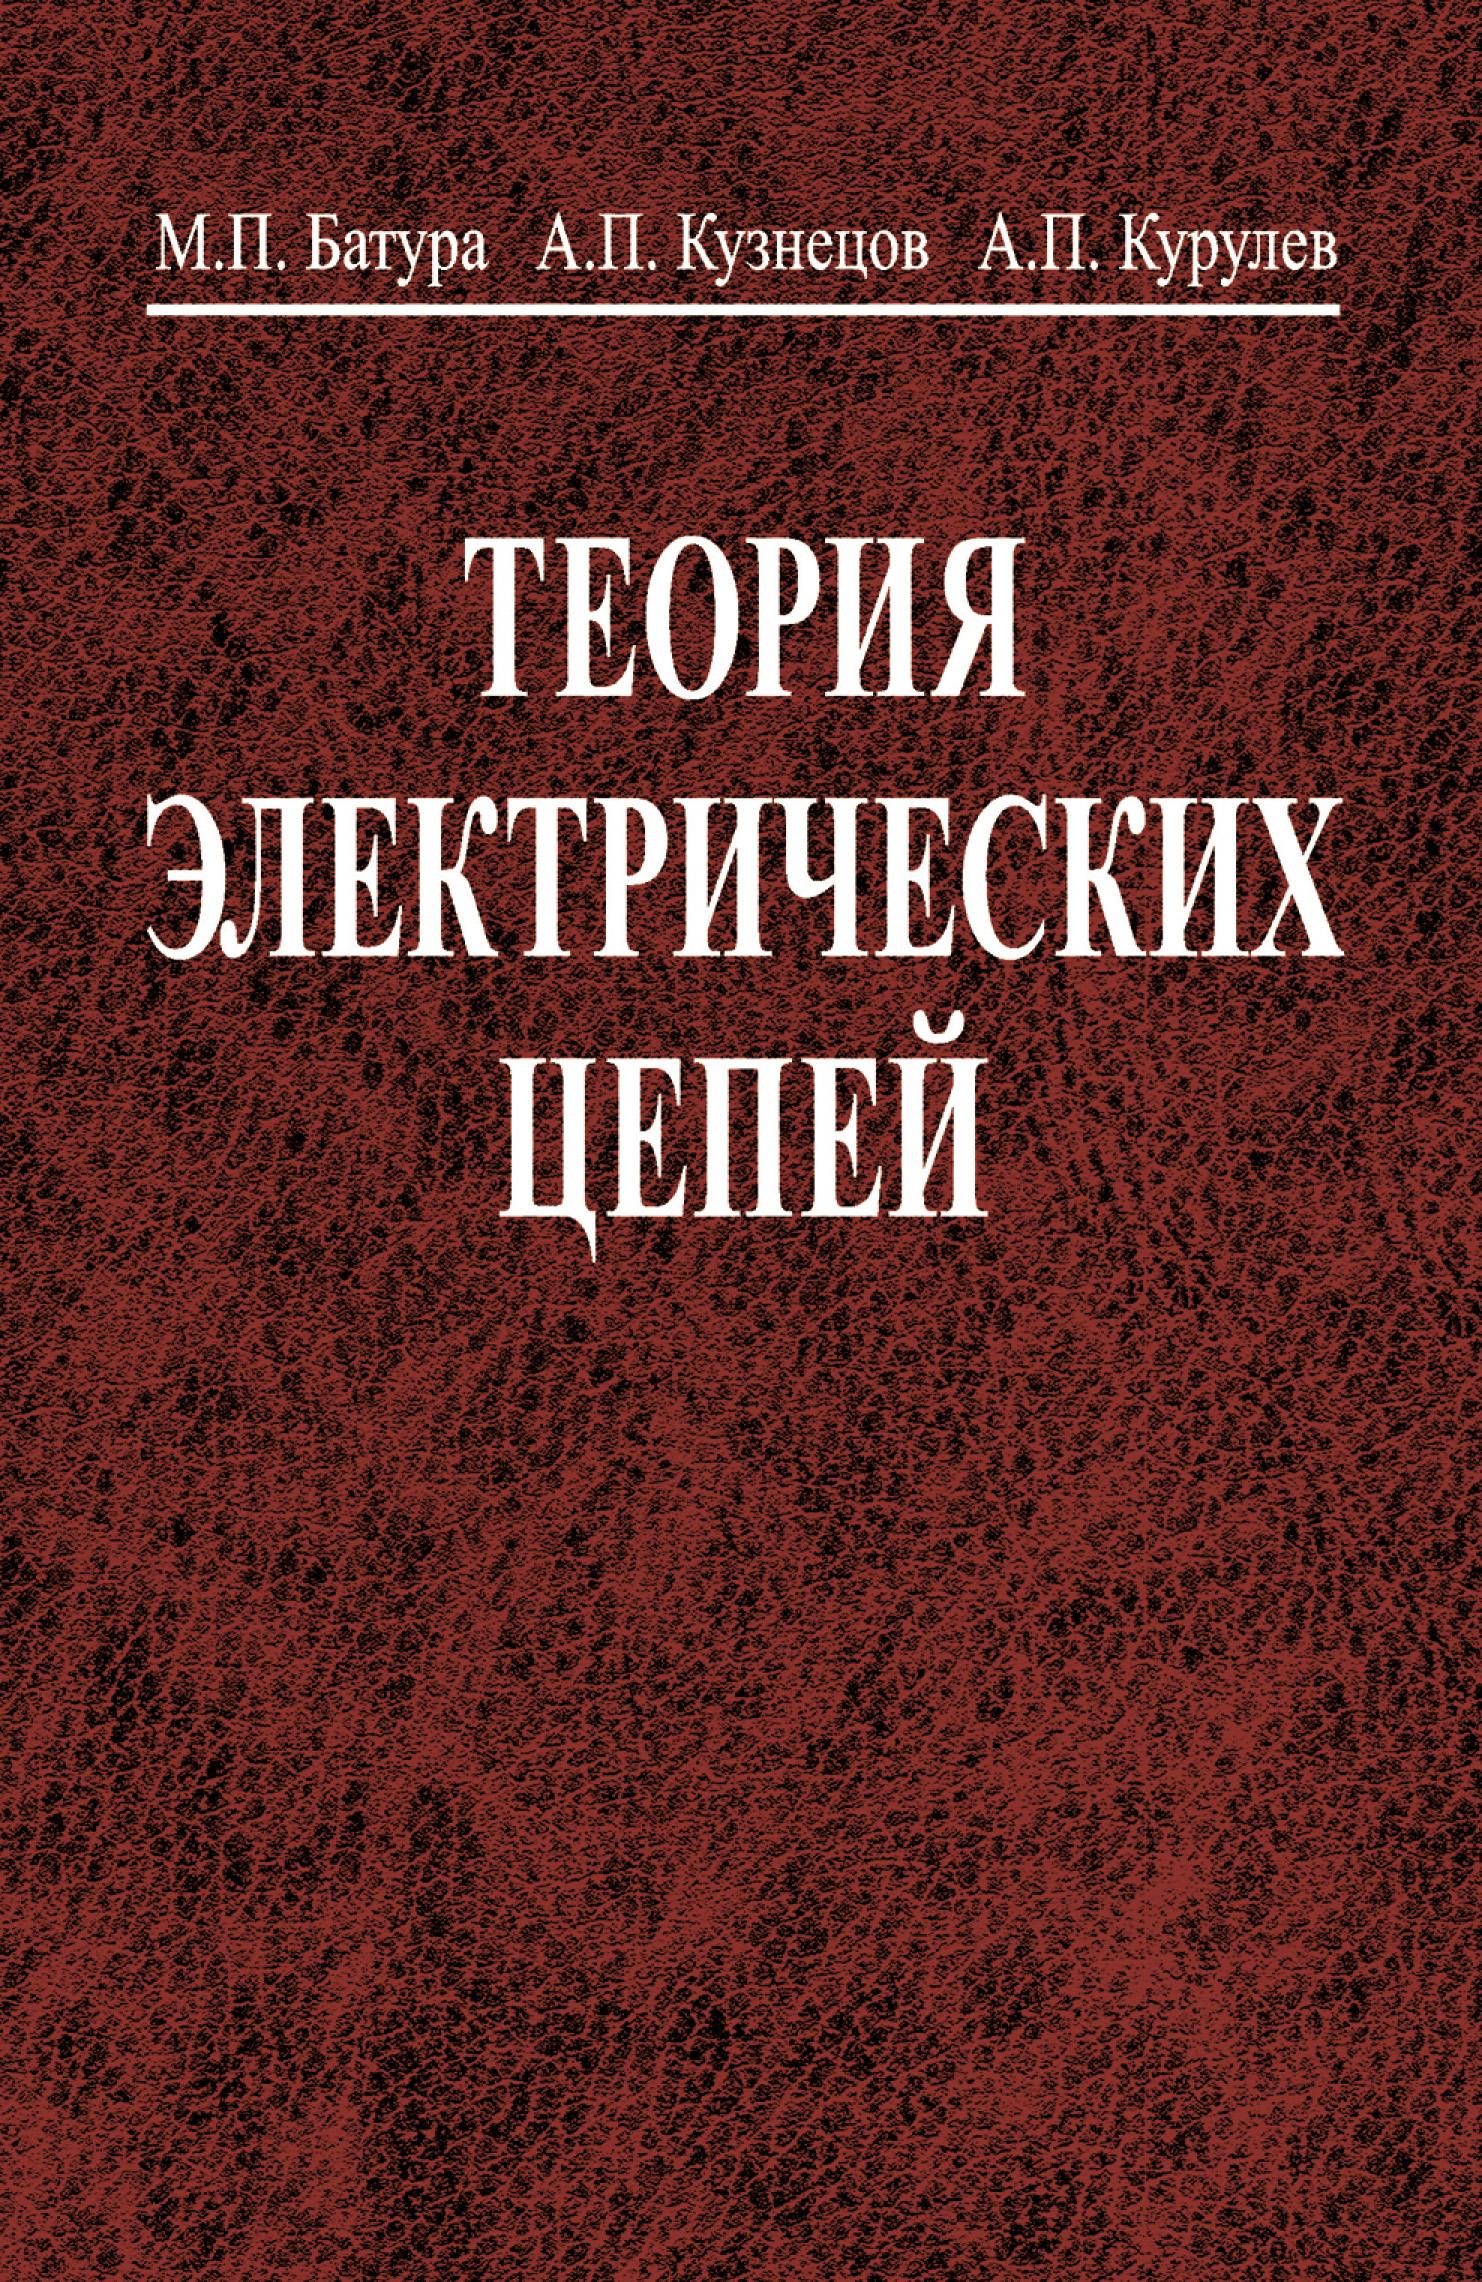 Александр Кузнецов Теория электрических цепей е ф цапенко расчёт переходных процессов в линейных электрических цепях